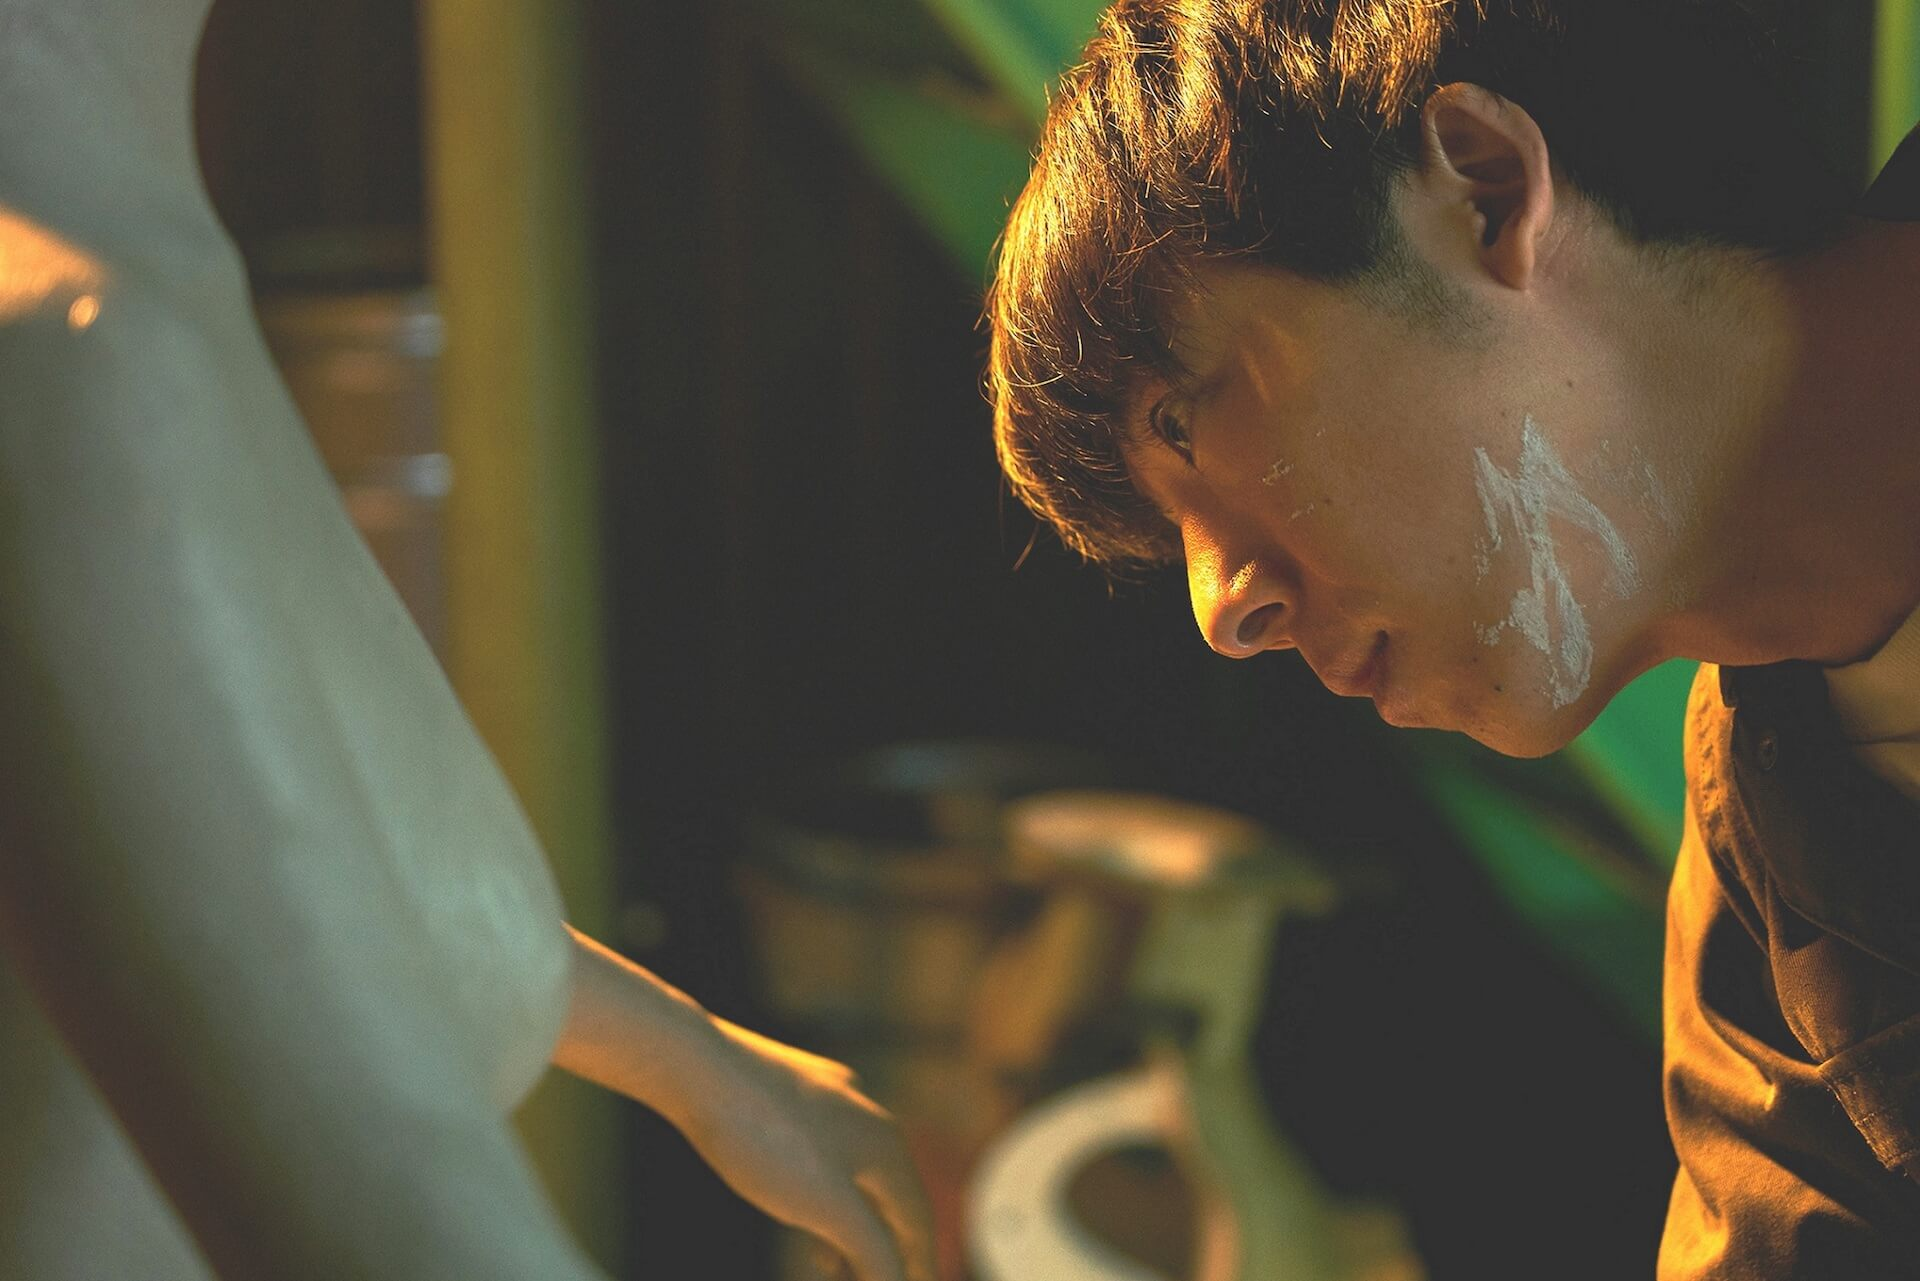 高橋一生がその手で美しいラブドールを造形する|高橋一生の誕生日に『ロマンスドール』場面写真が解禁! film191209_romancedoll_2